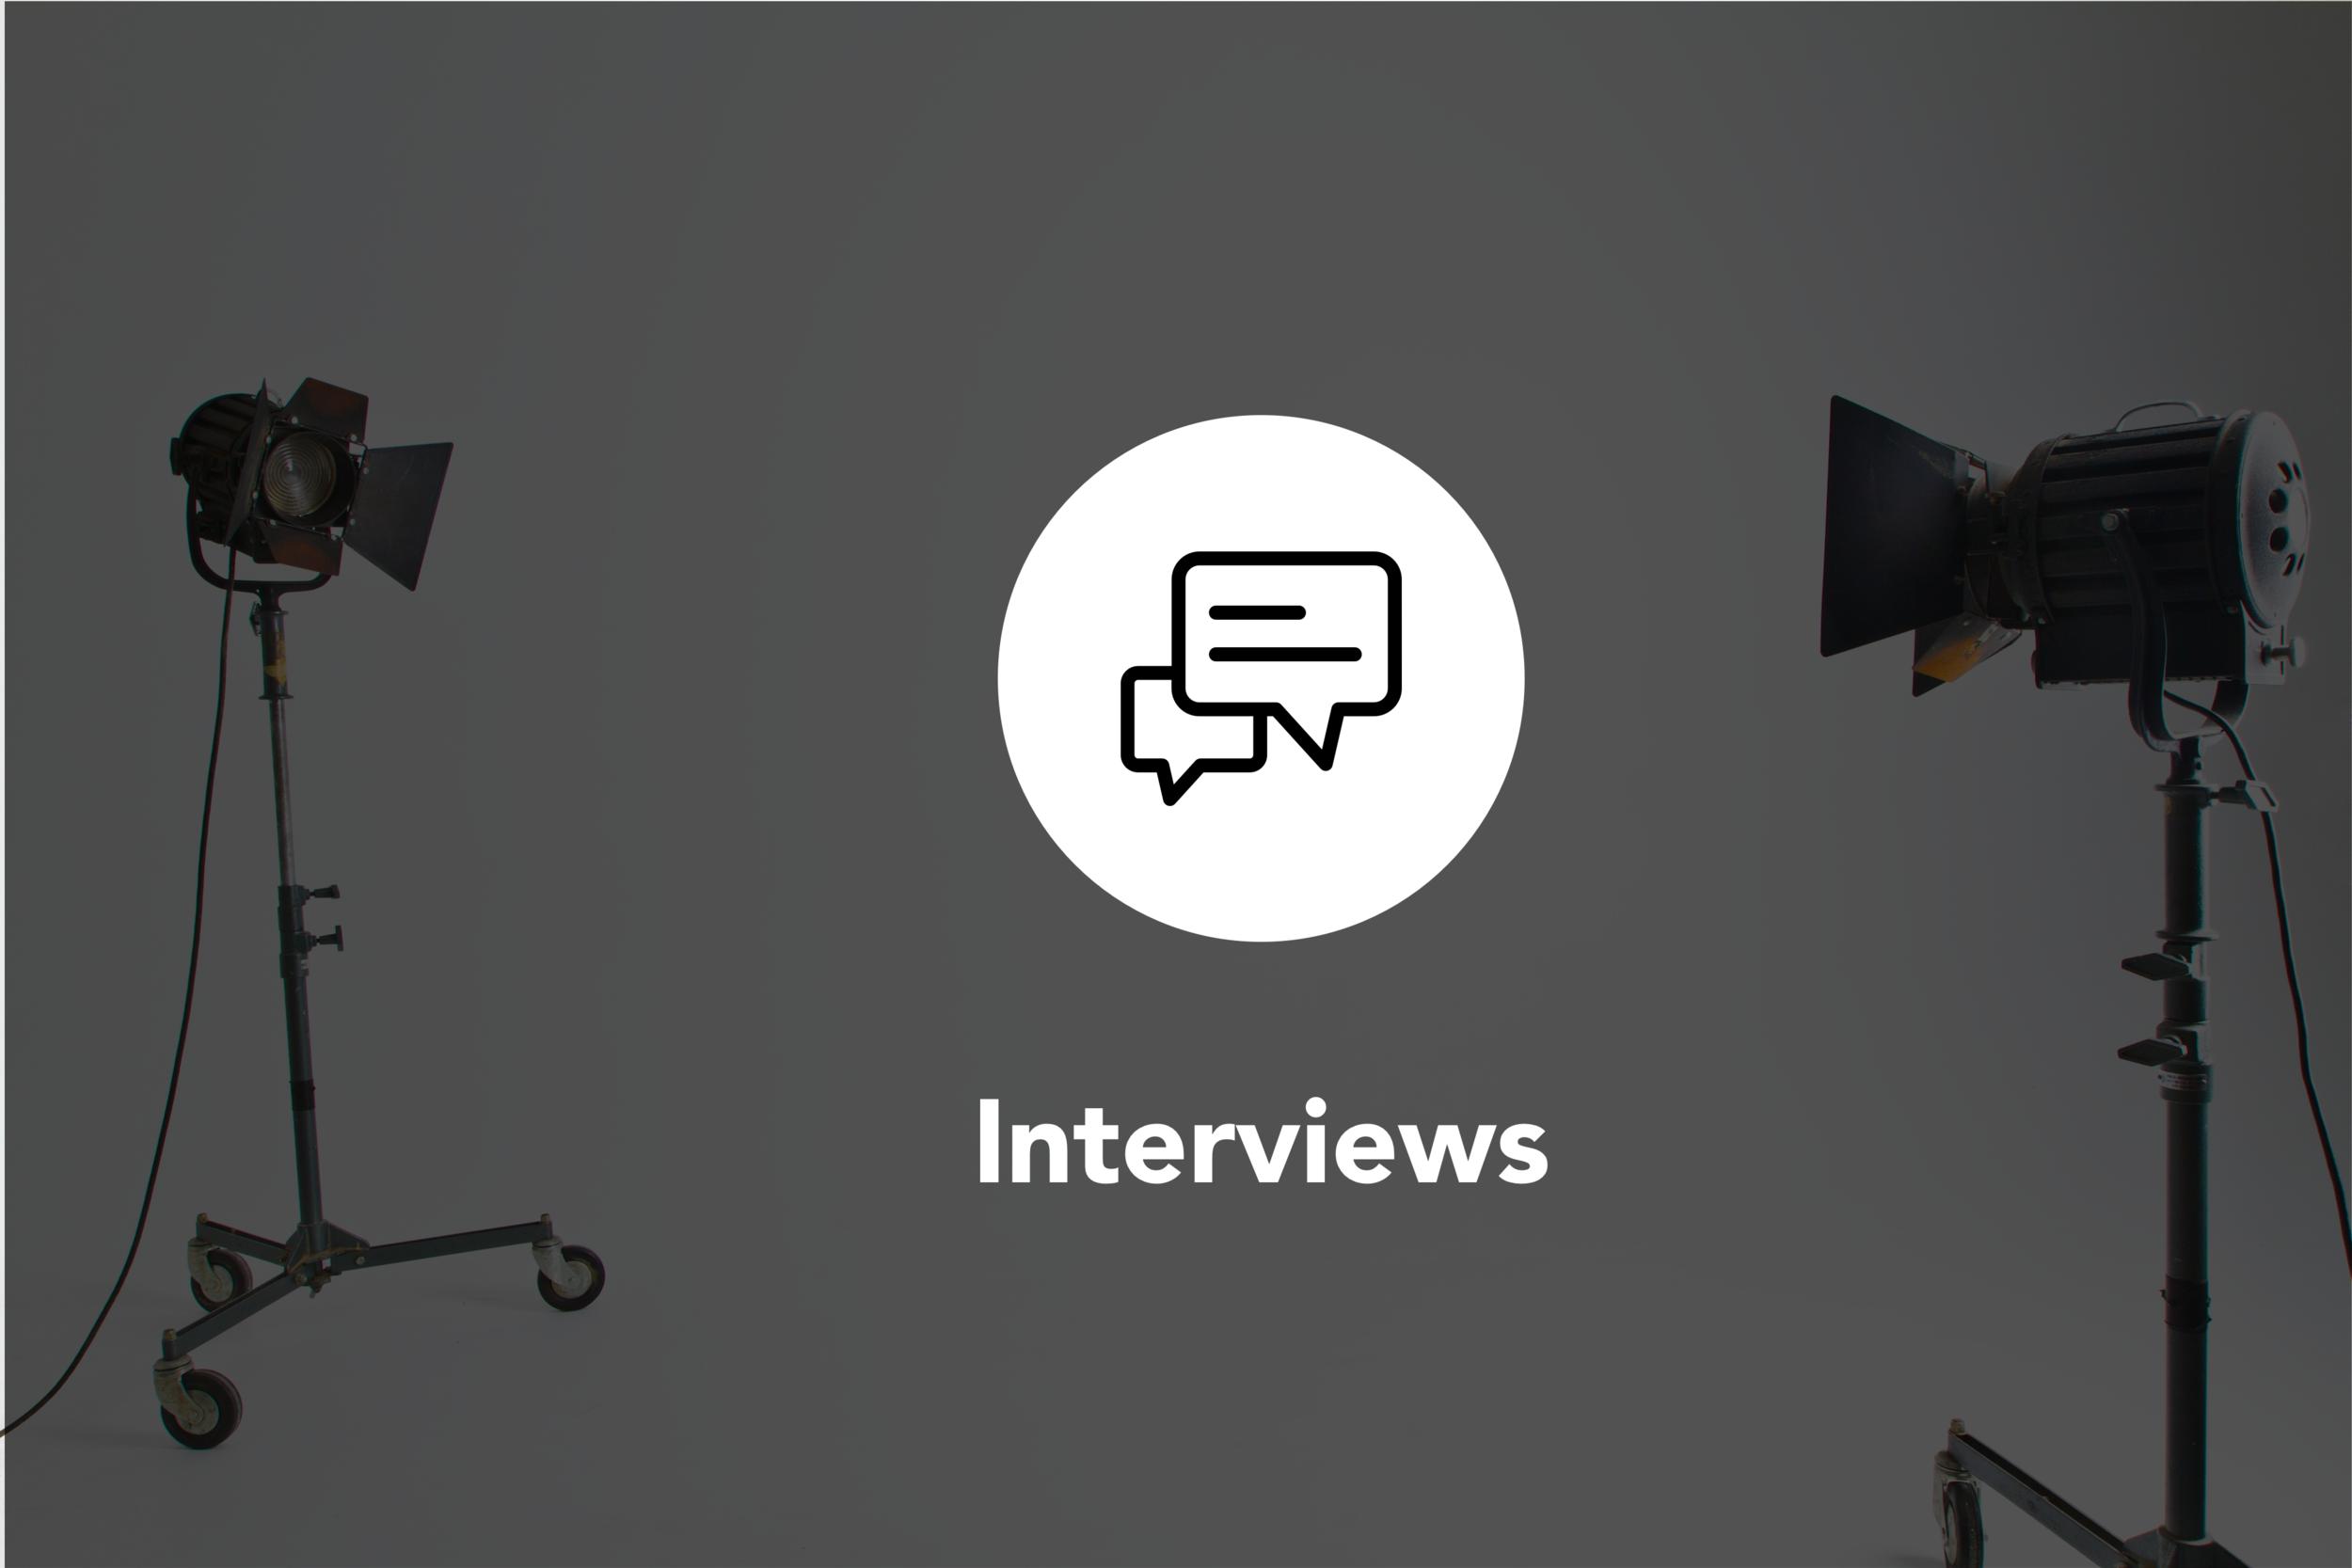 Interviews,businessandpleasure